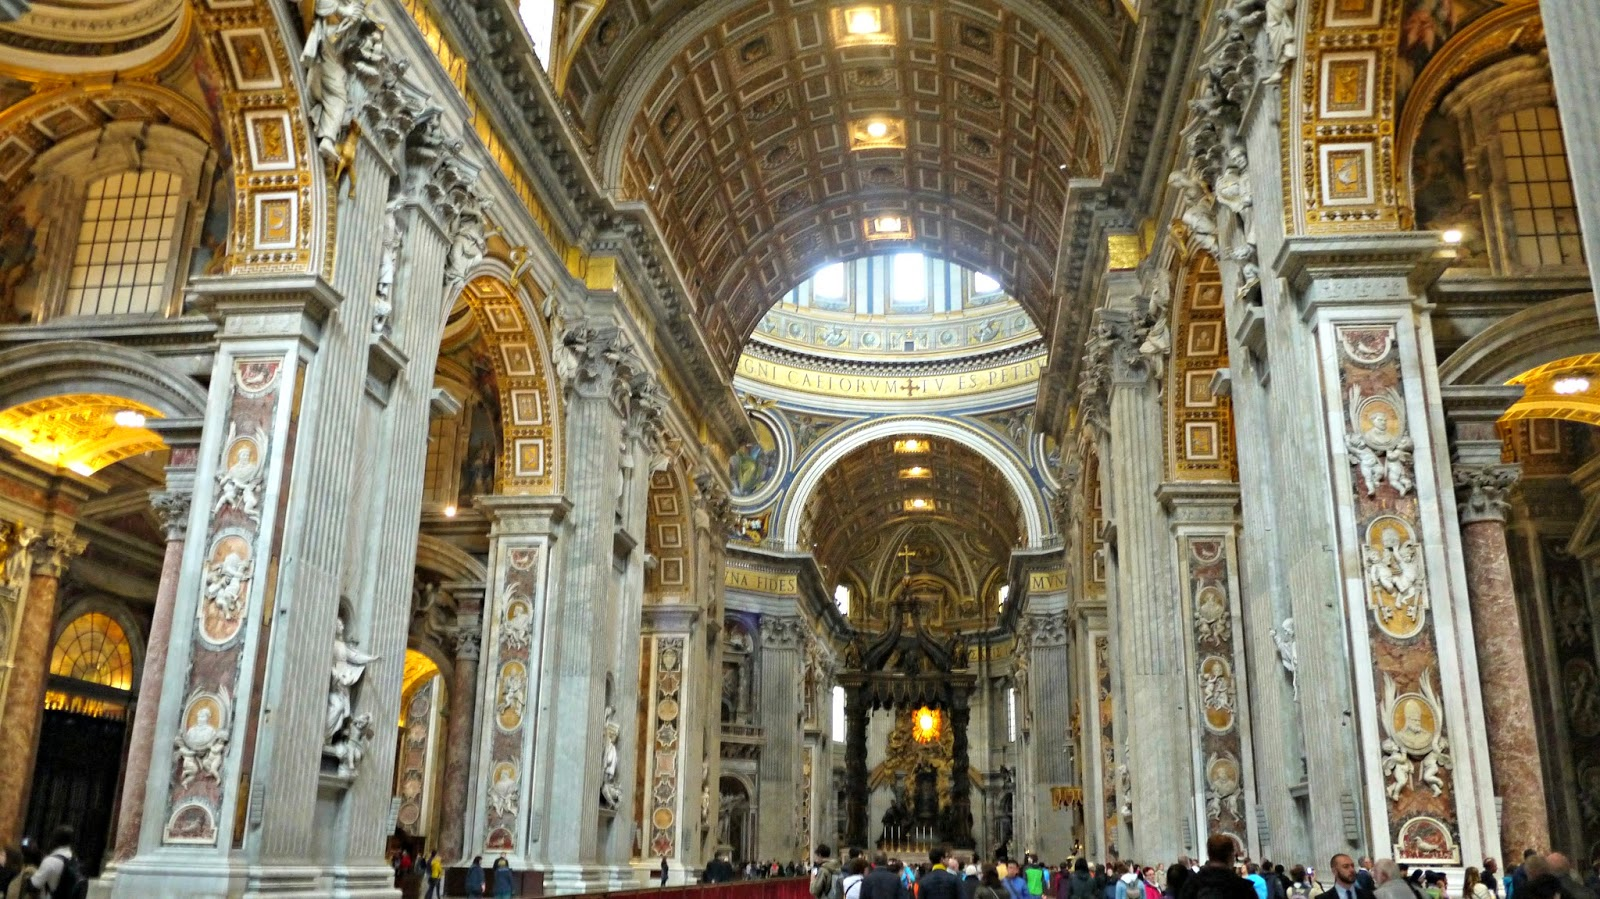 st peter's basilica vatican city